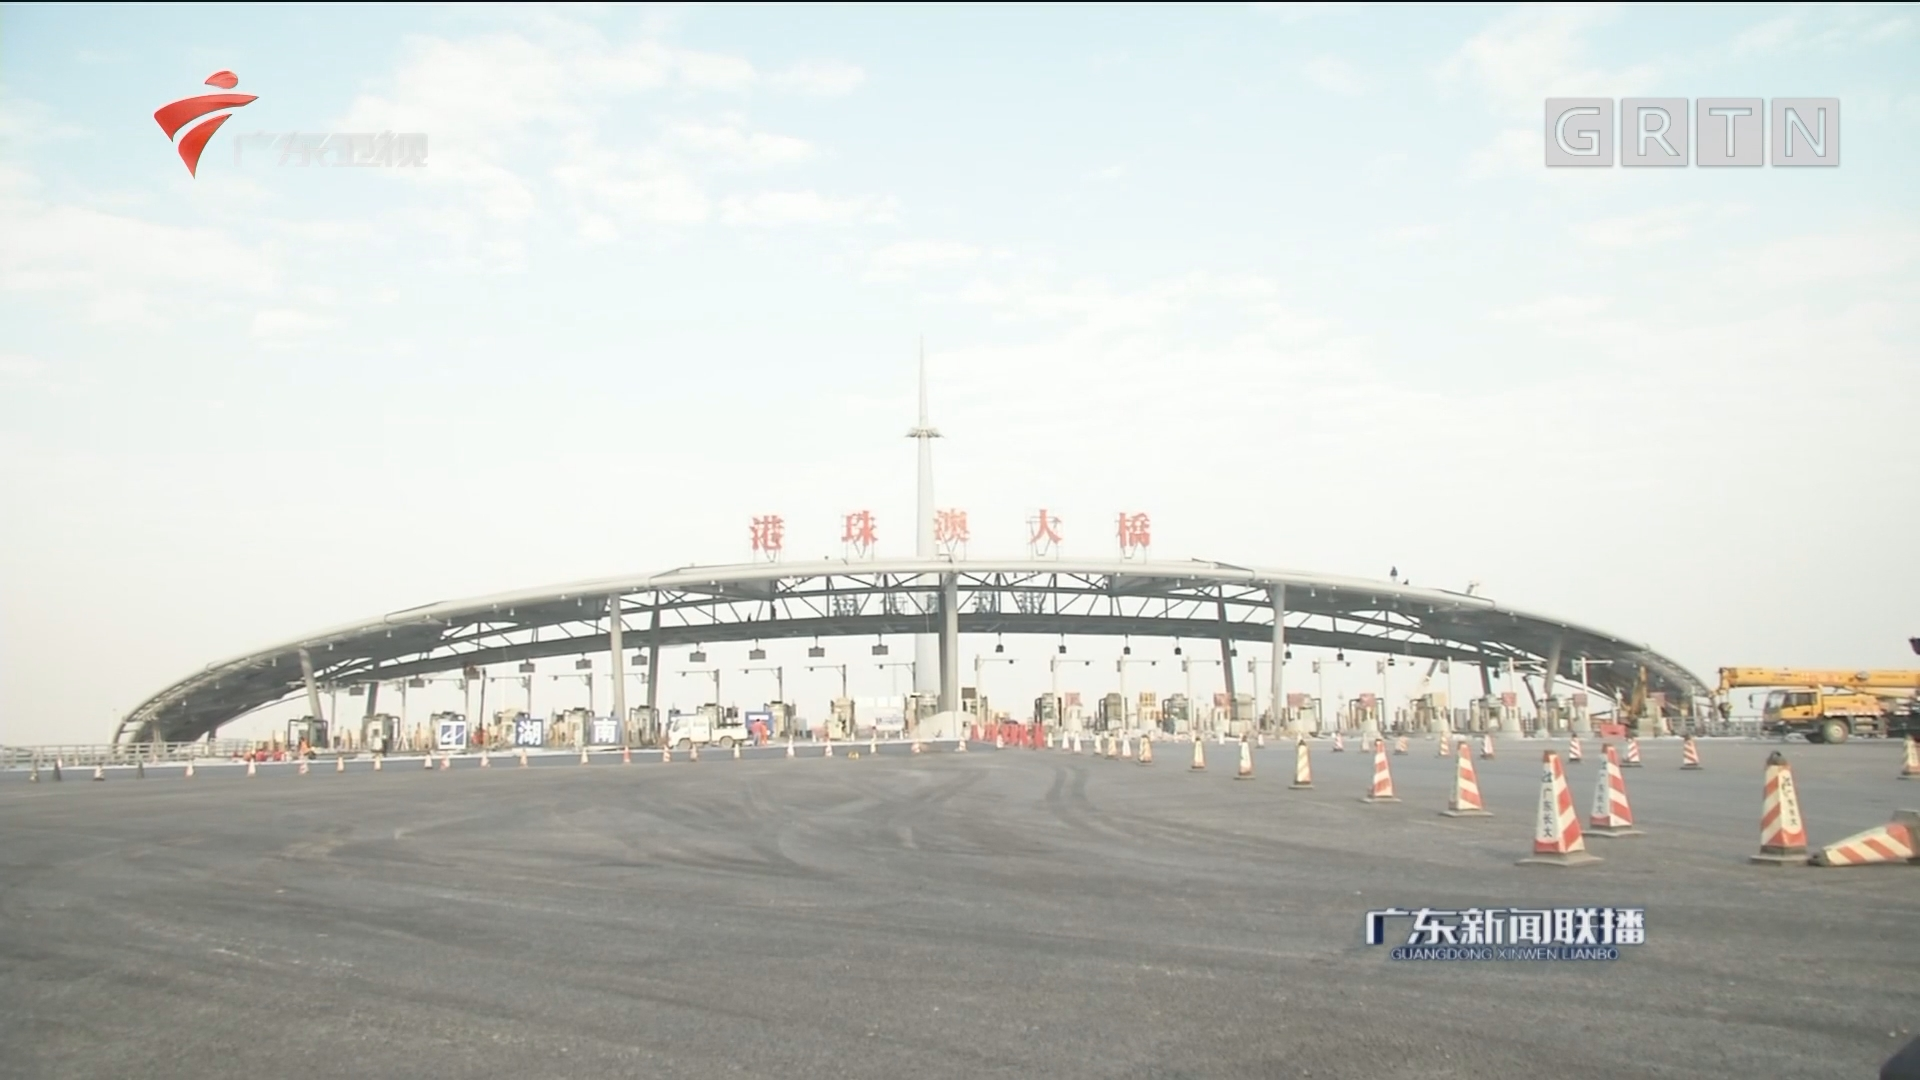 广东大力推进基础设施建设 内地与港澳连接得更加紧密